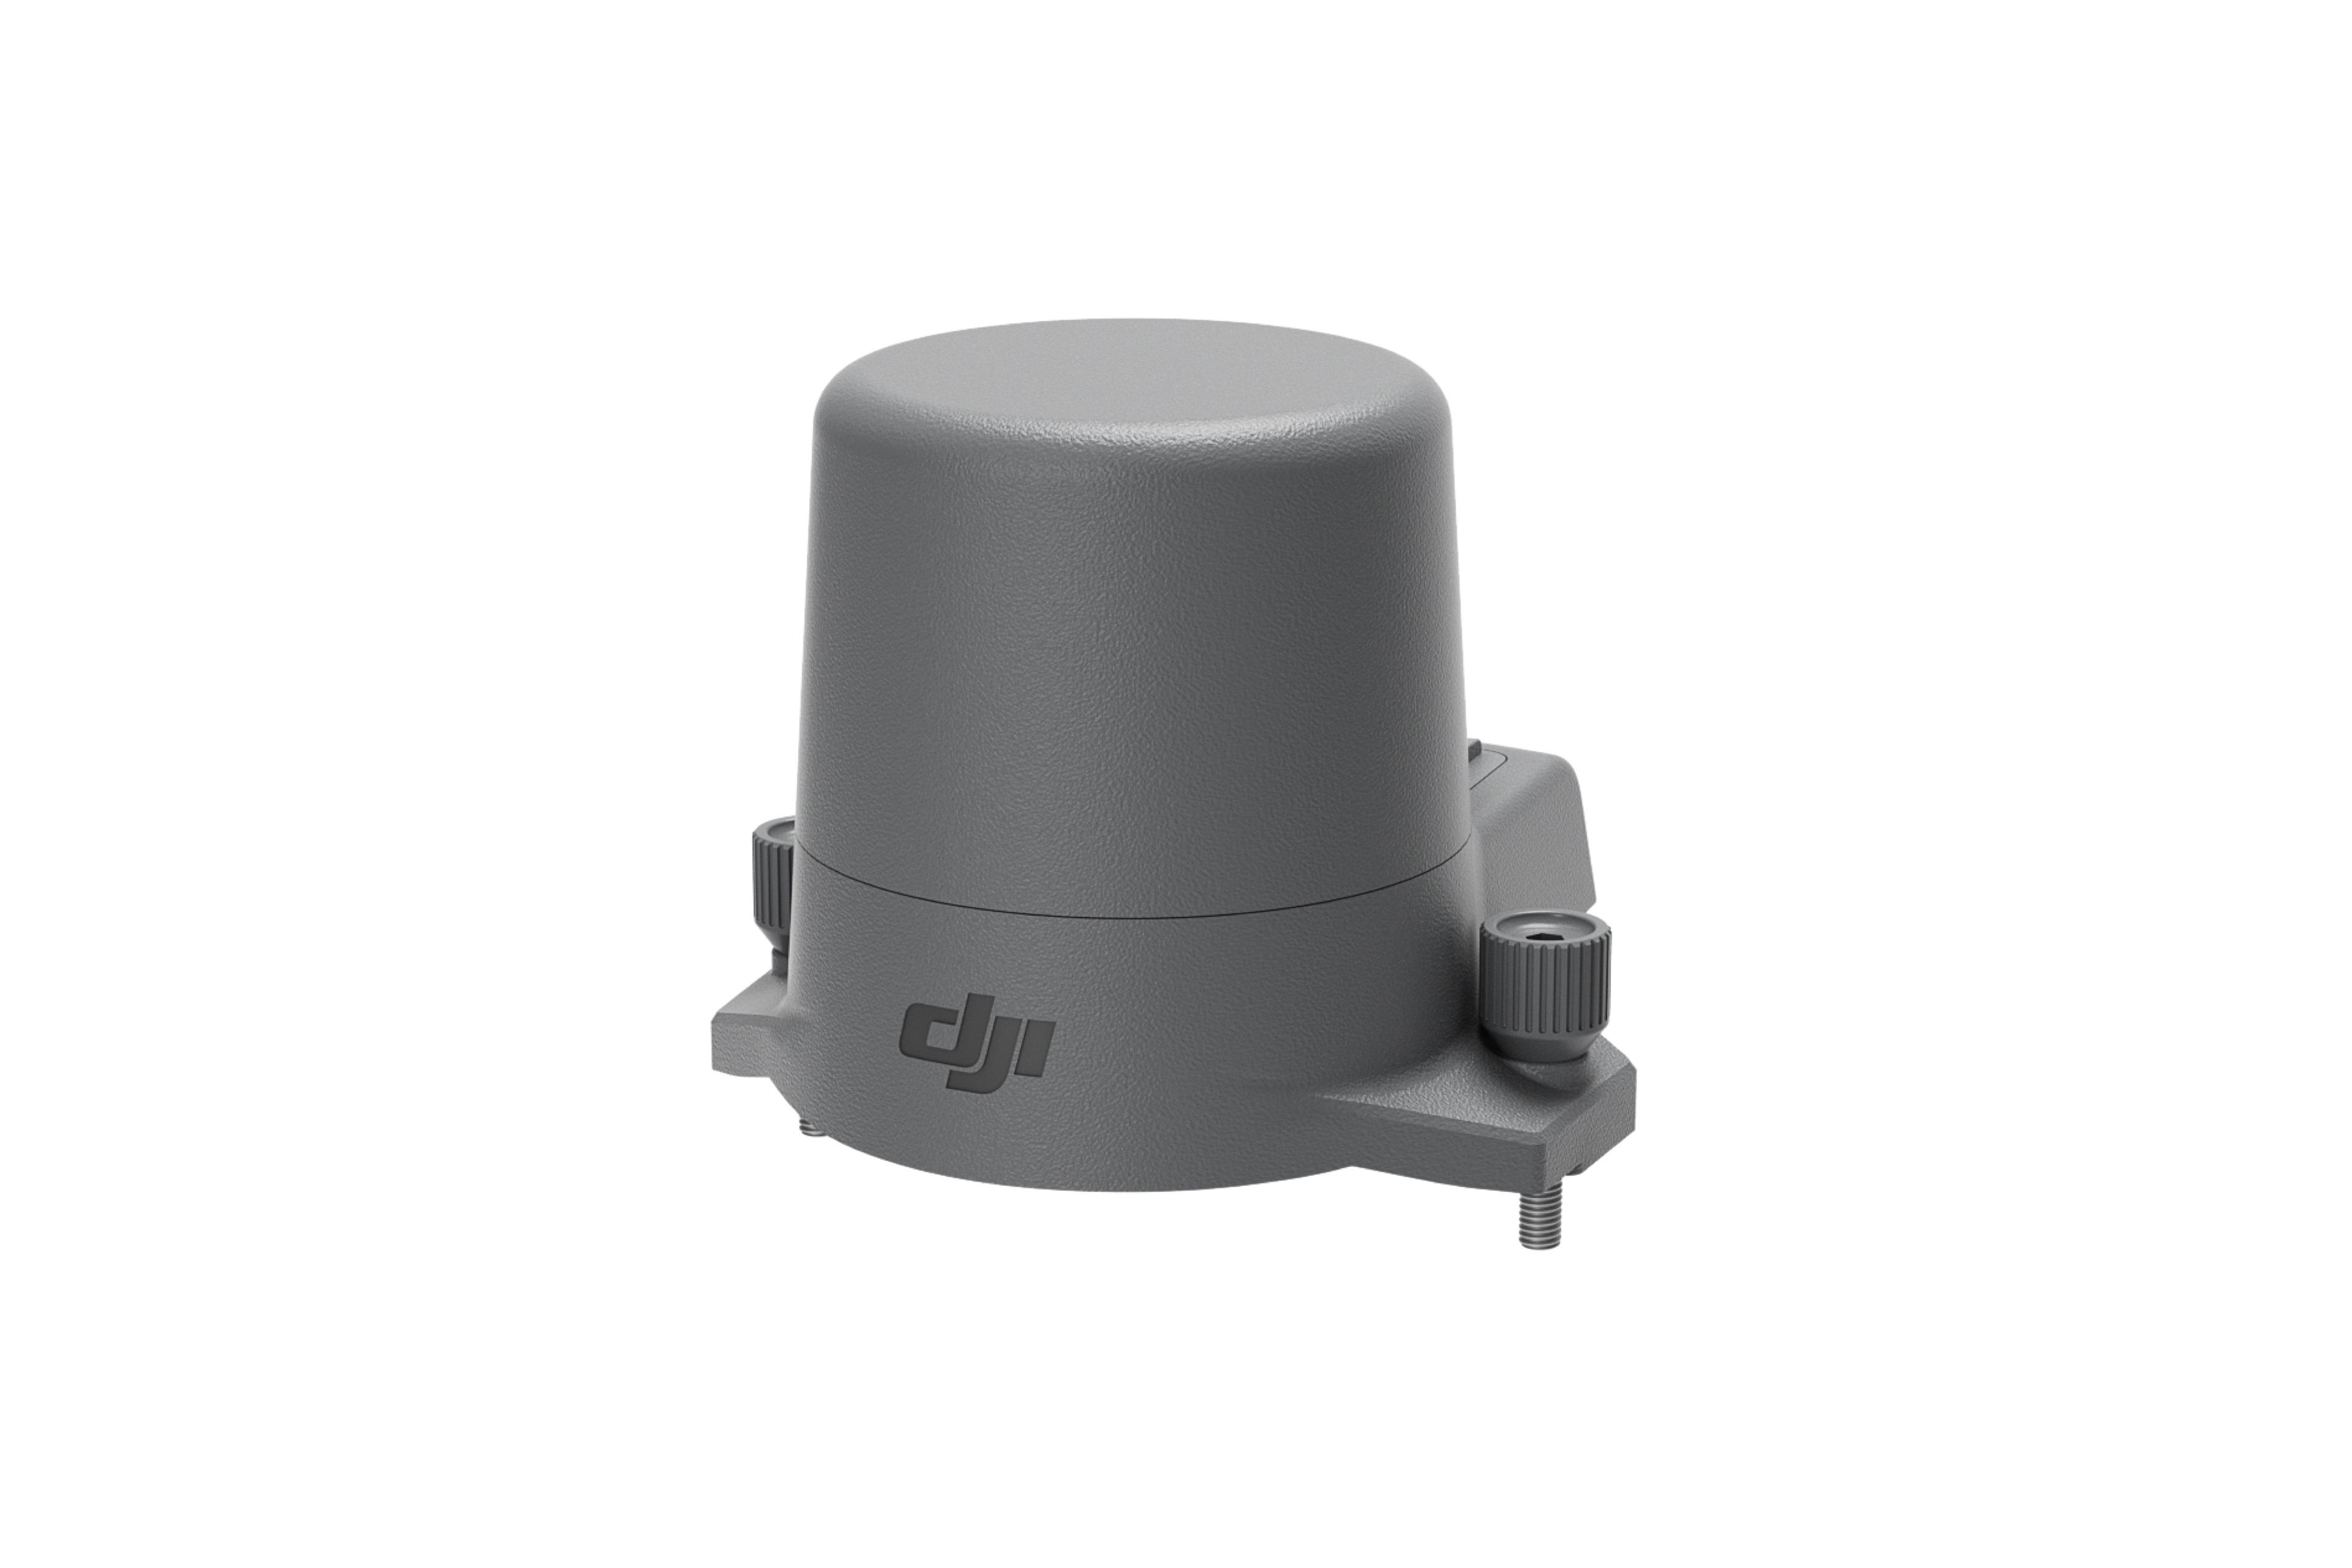 DJI M2EA RTK Module